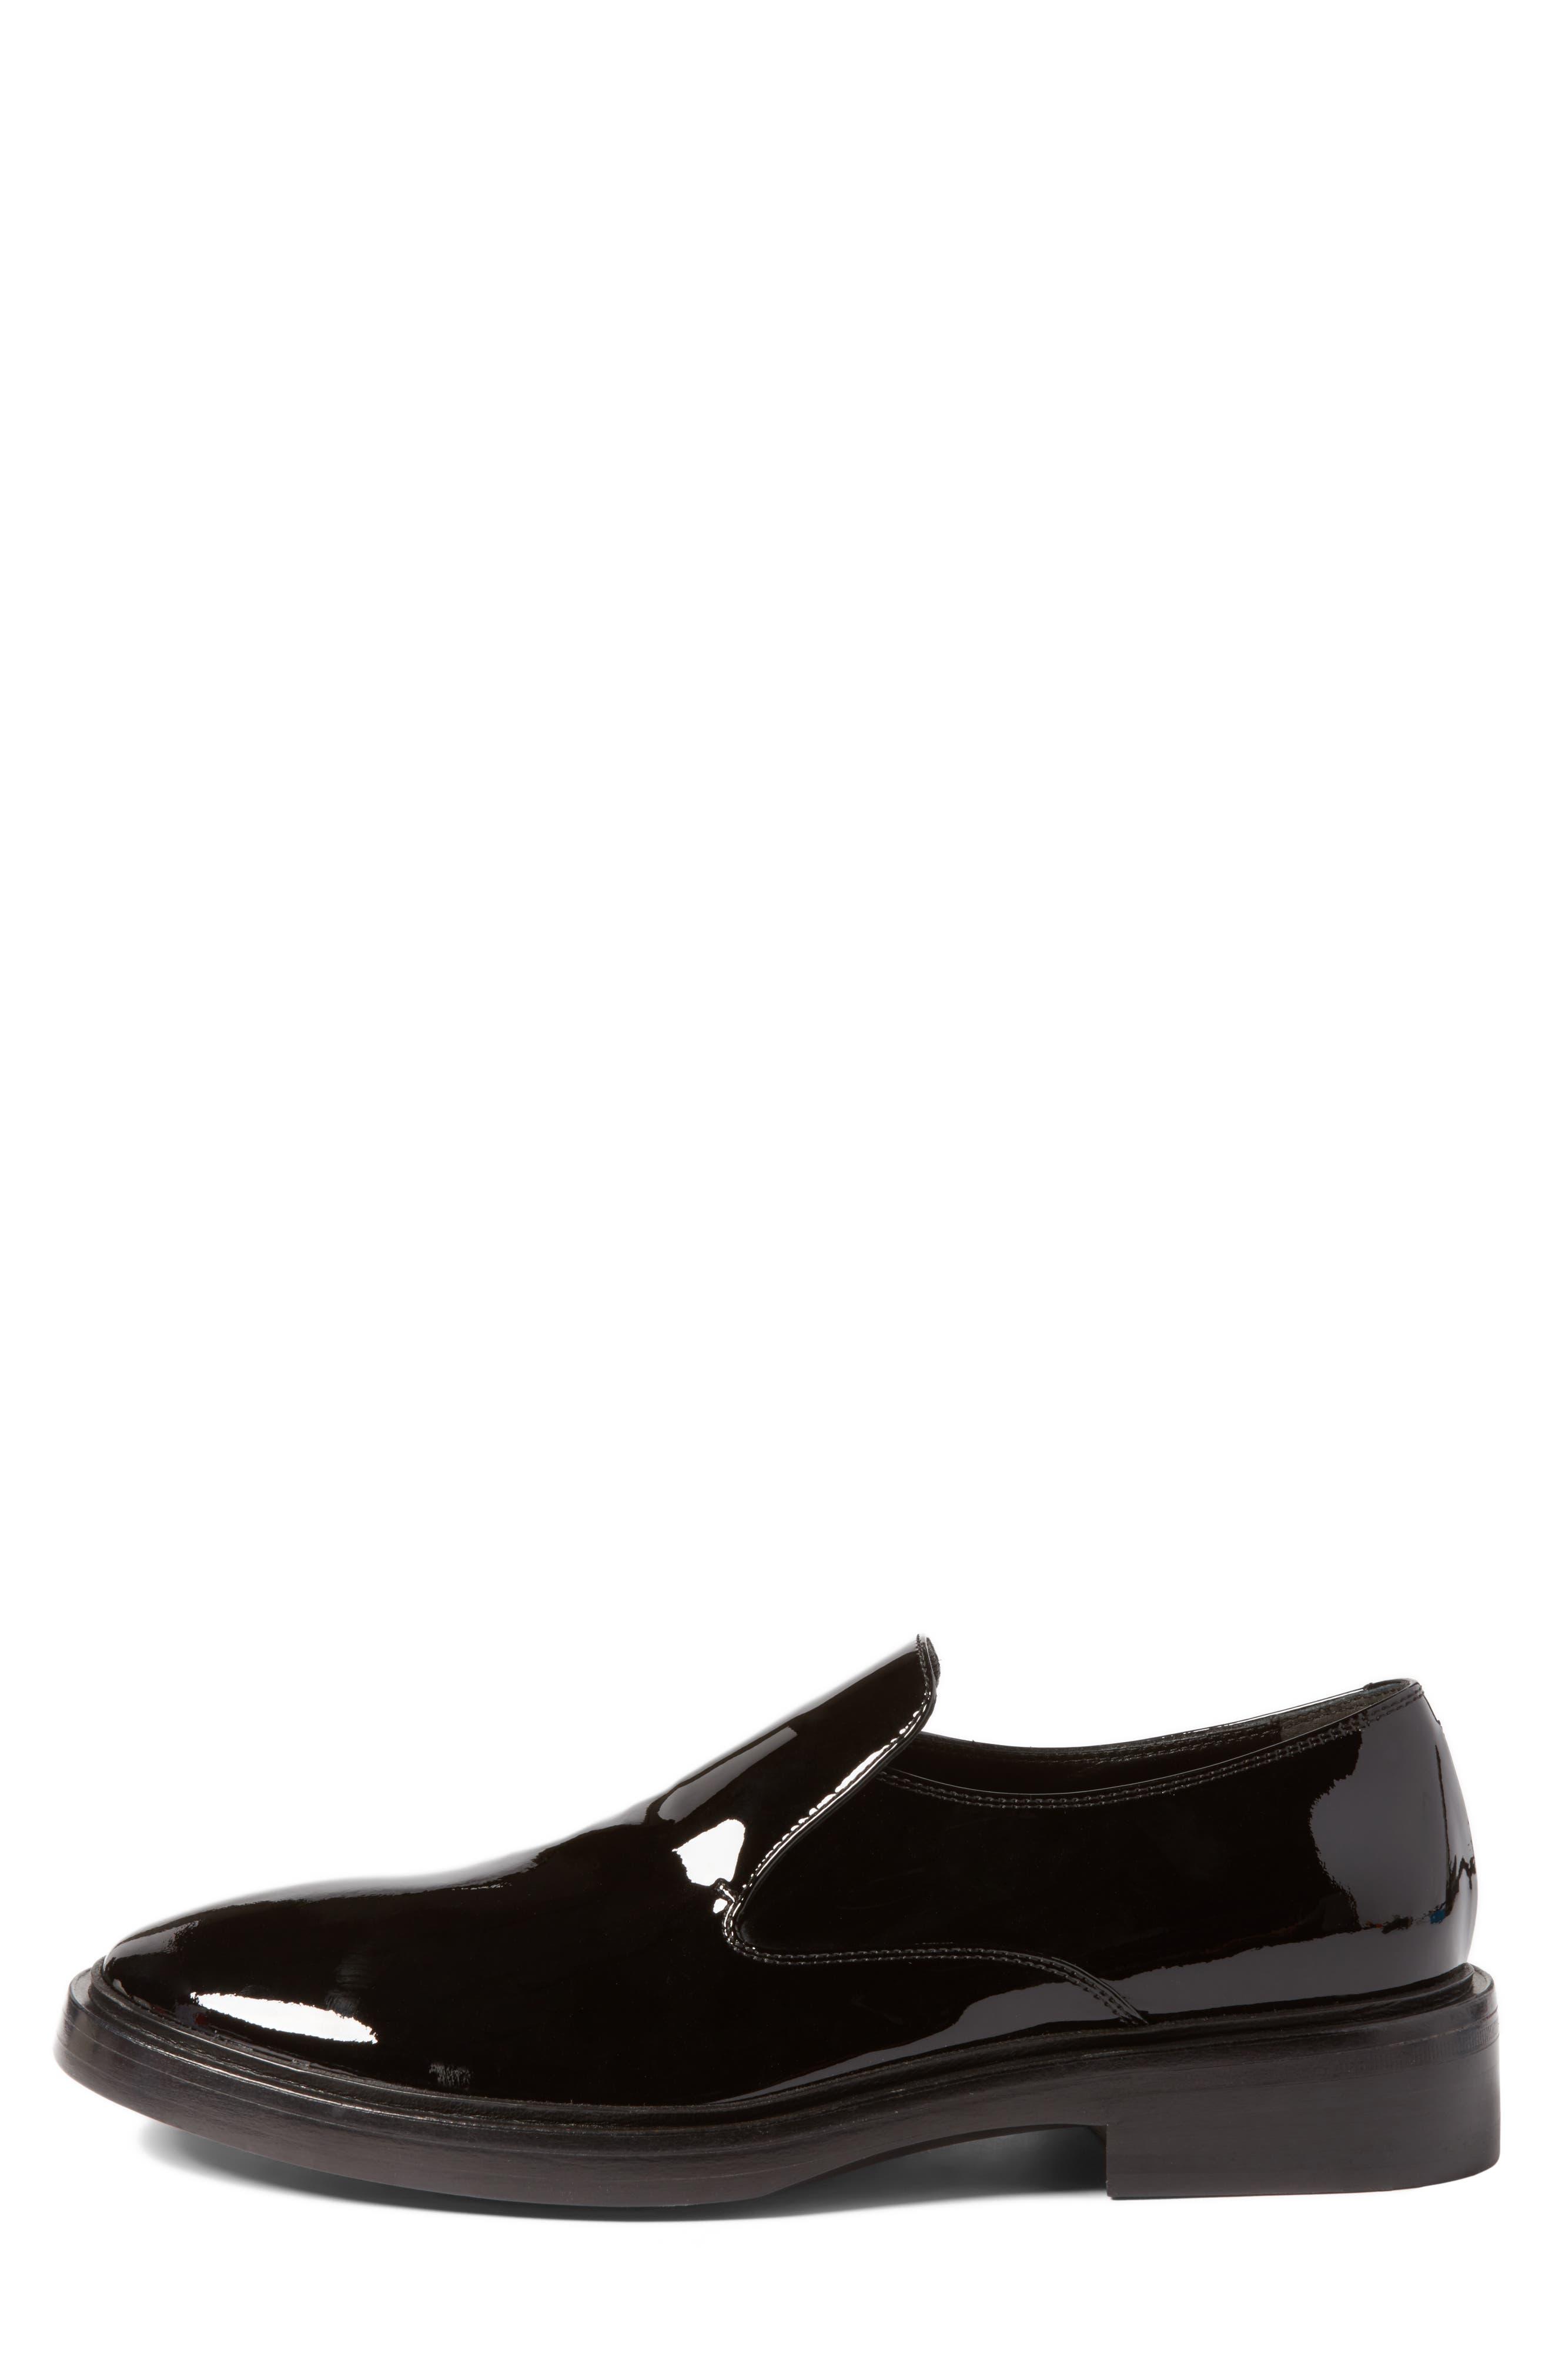 Venetian Loafer,                             Alternate thumbnail 3, color,                             001